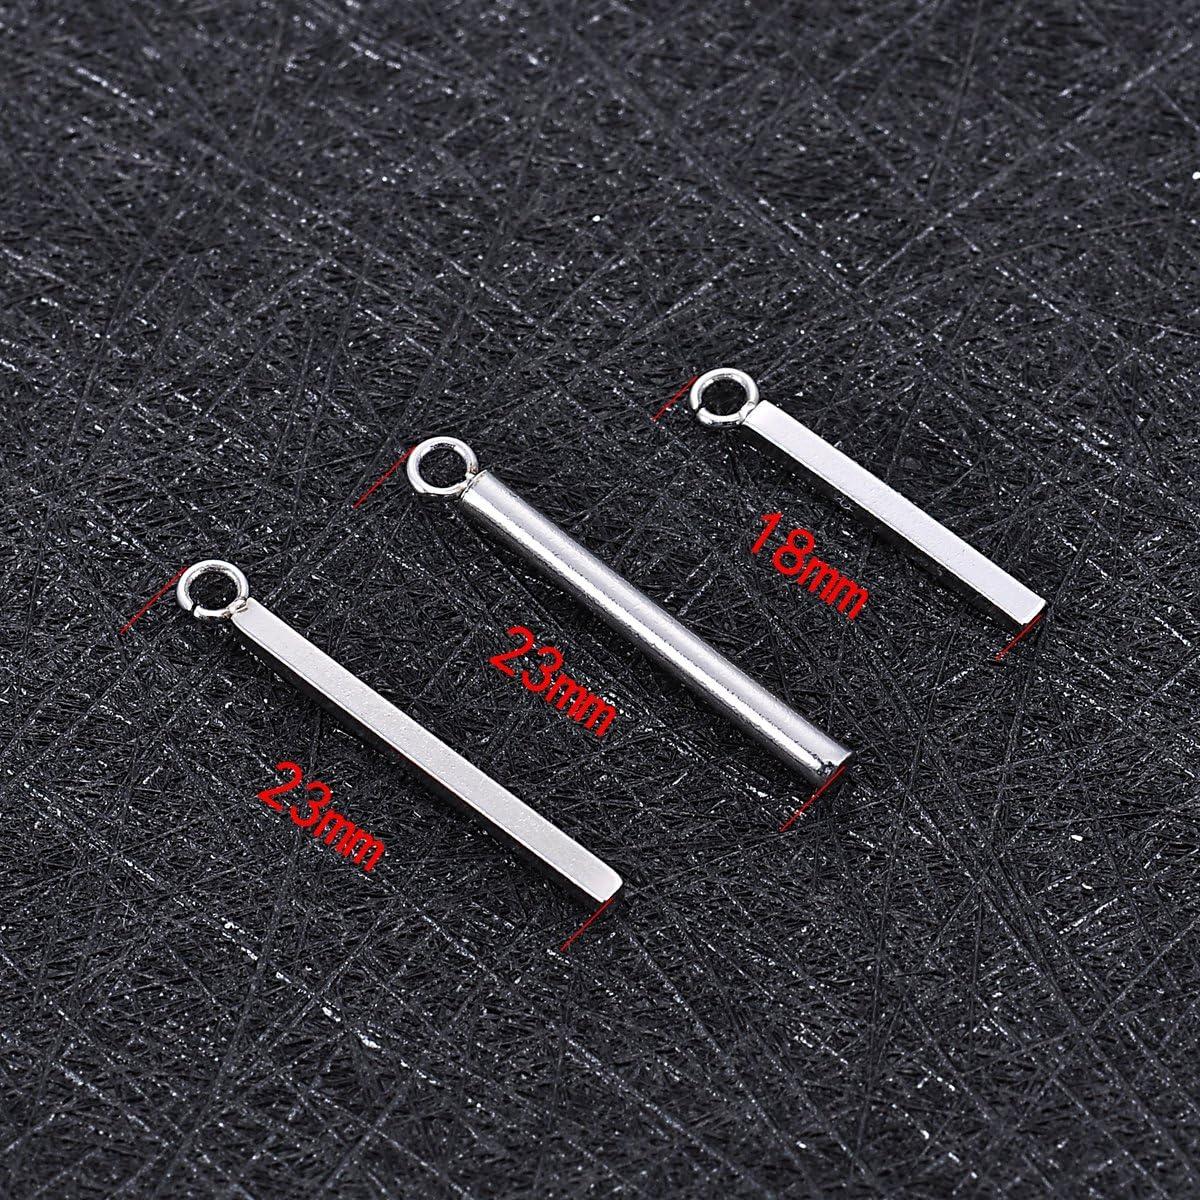 15 St/ück silberfarben edelstahl 18mmx1.5mm Edelstahl YC-Arts Charm-Anh/änger f/ür Schmuckherstellung